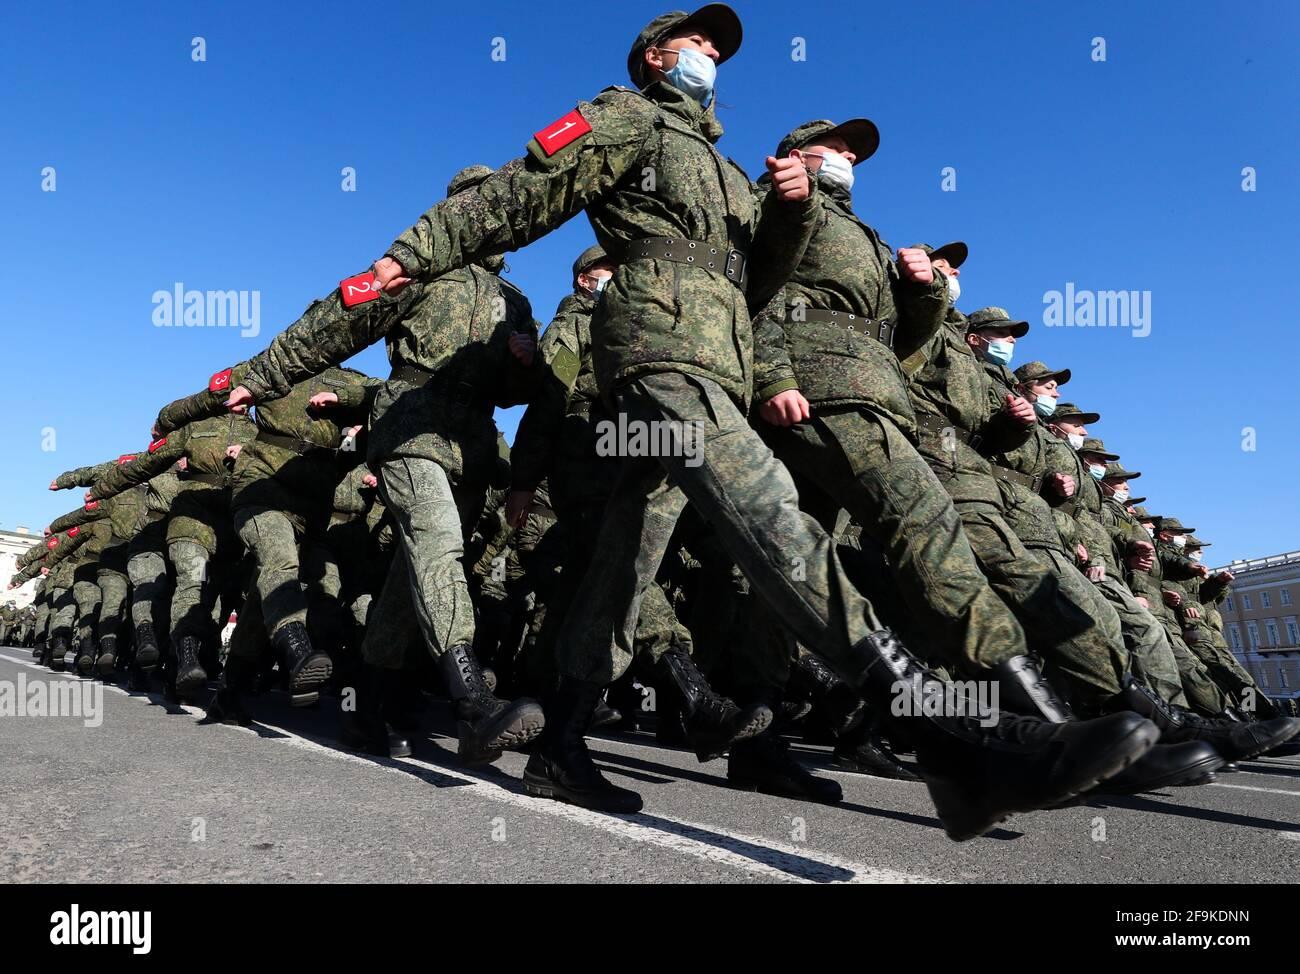 Saint-Pétersbourg, Russie. 19 avril 2021. Les militaires marchent en formation lors d'une répétition d'un défilé militaire du jour de la victoire marquant le 76e anniversaire de la victoire sur l'Allemagne nazie pendant la Seconde Guerre mondiale, sur la place du Palais. Crédit : Peter Kovalev/TASS/Alay Live News Banque D'Images